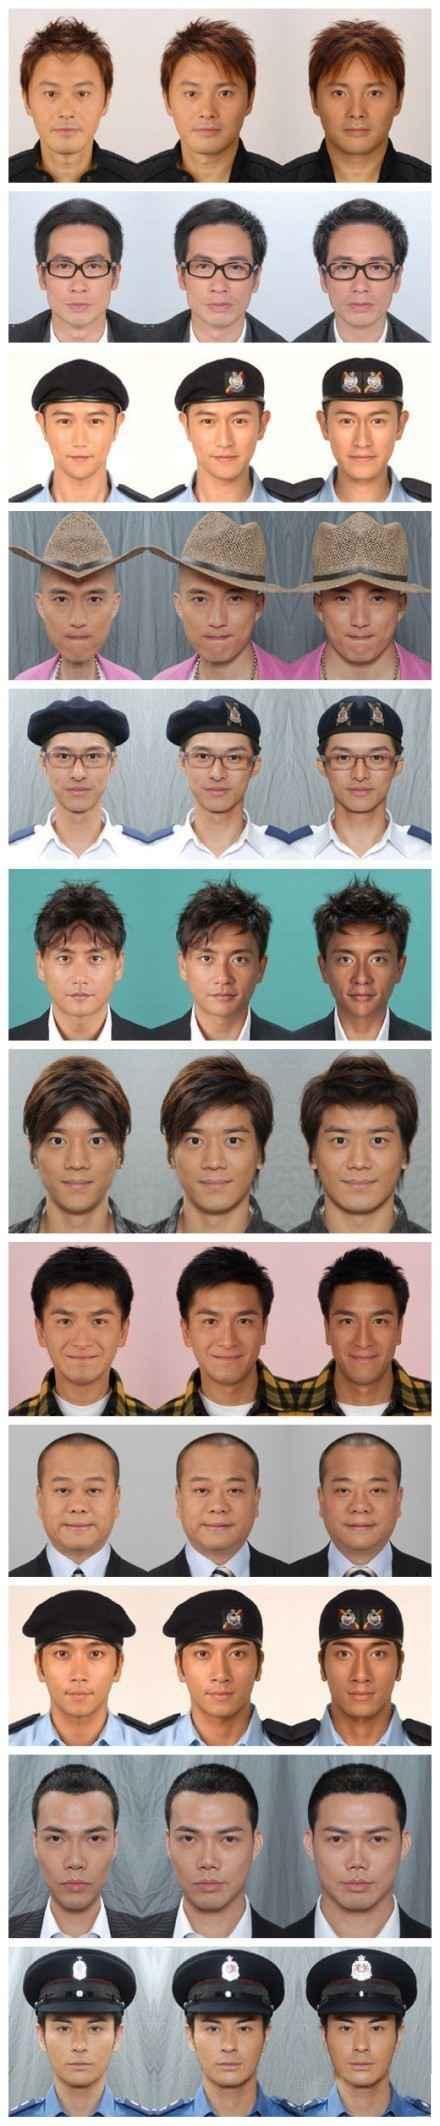 TVB男艺人的左脸和右脸,真正的帅哥是经得住考验的。。。「转」